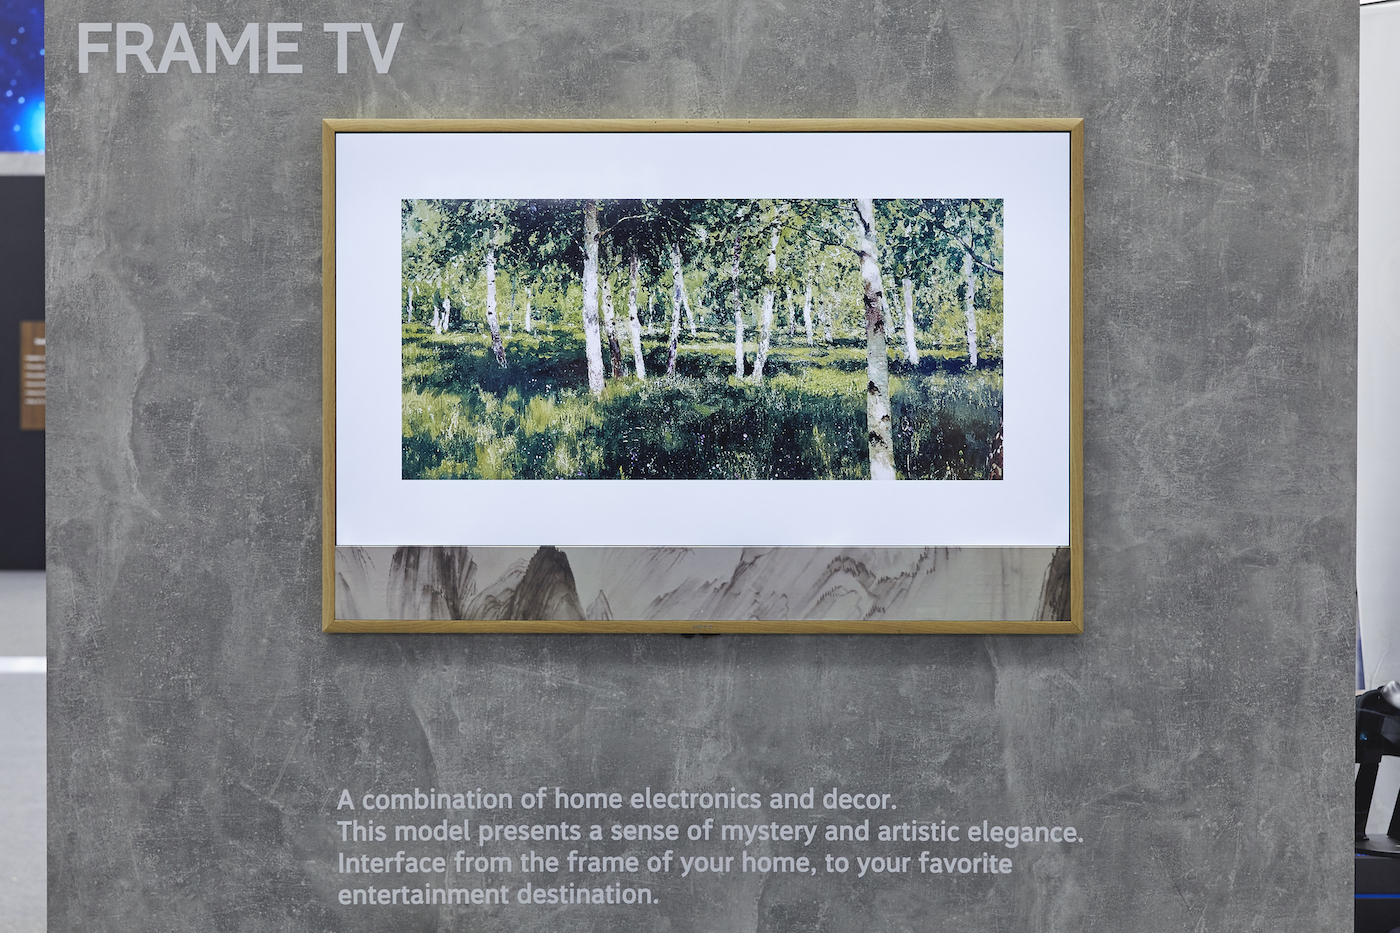 Metz Frame TV IFA 2019